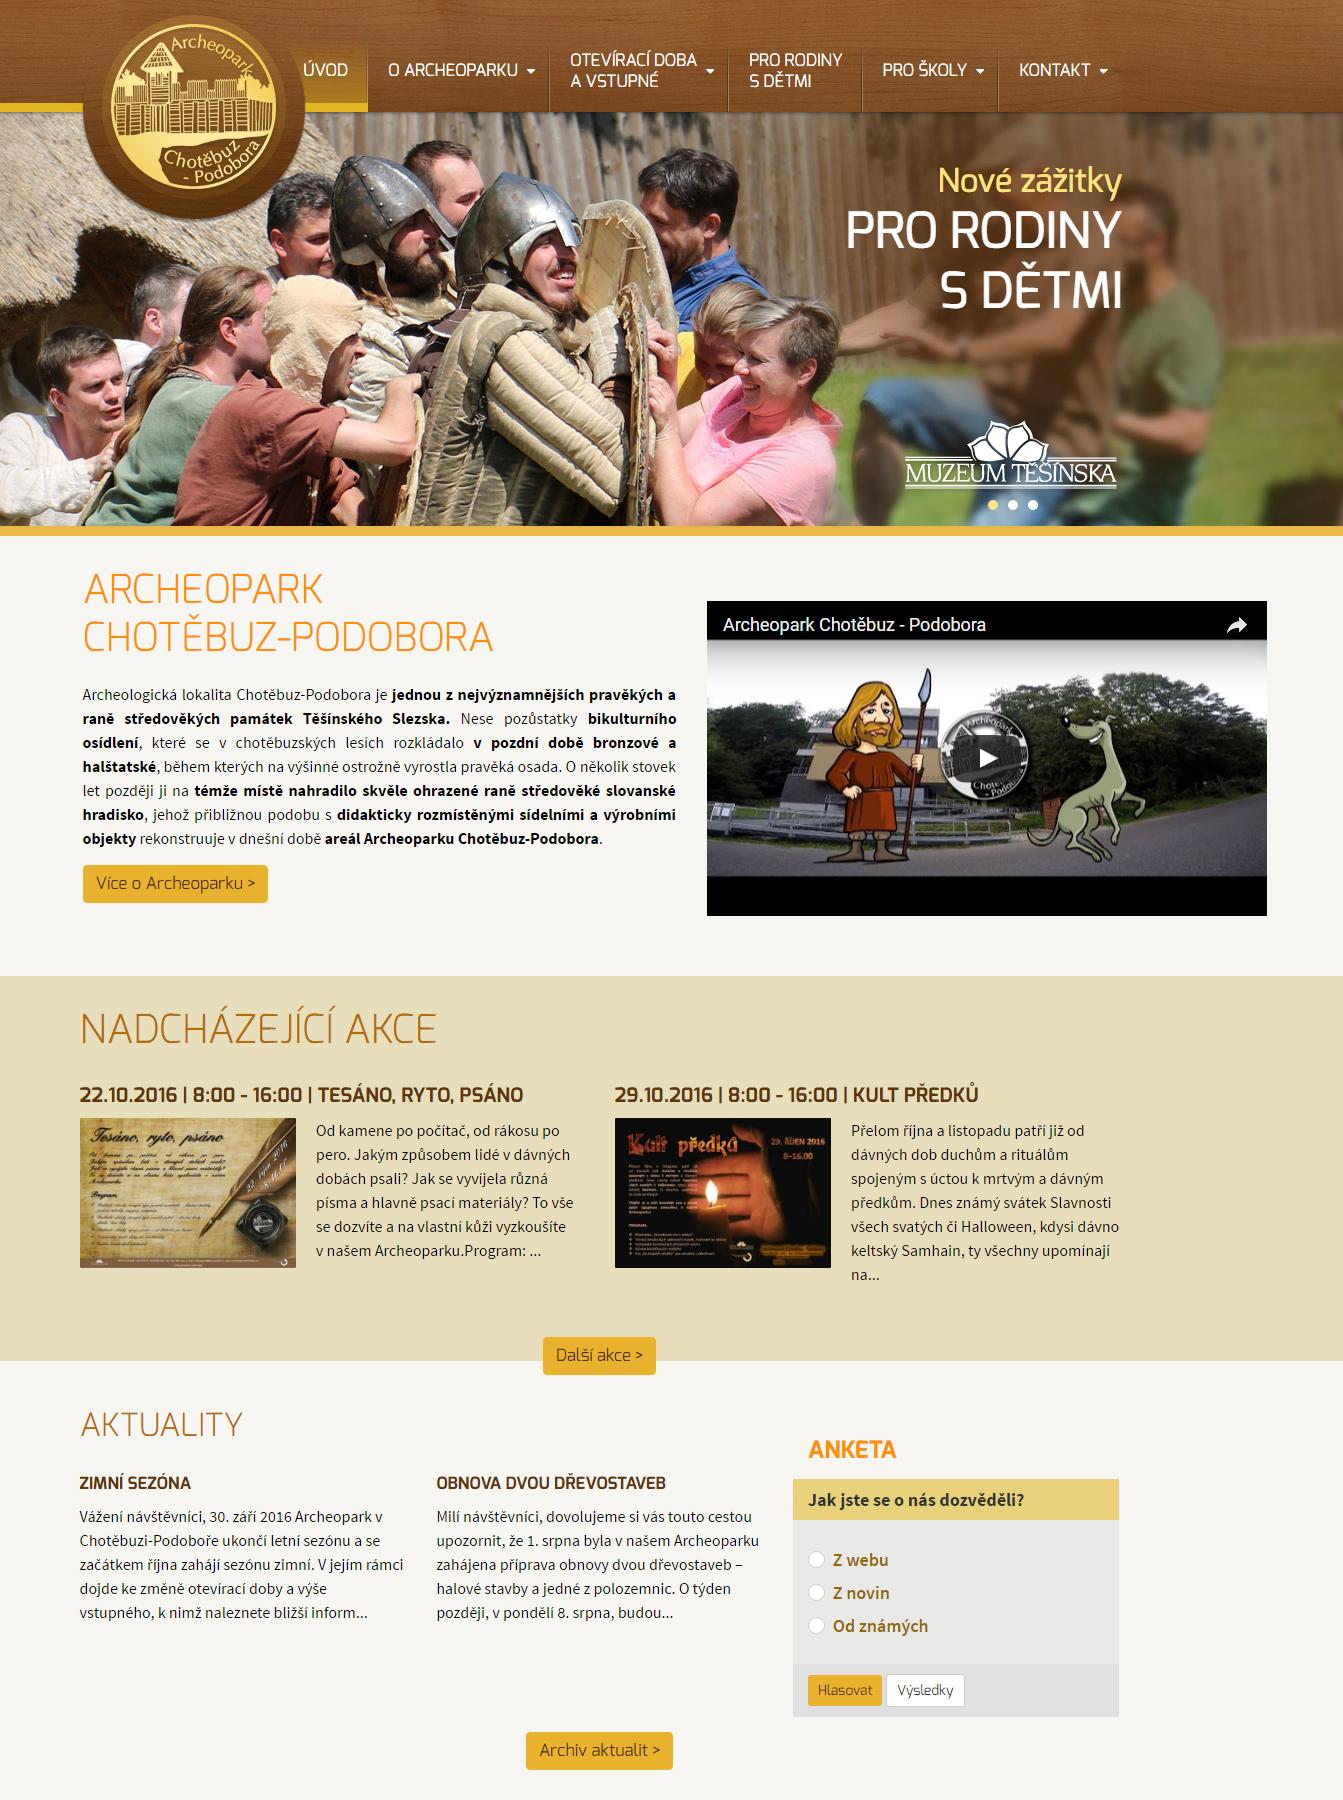 Webové stránky Archeoparku Chotěbuz-Podobora